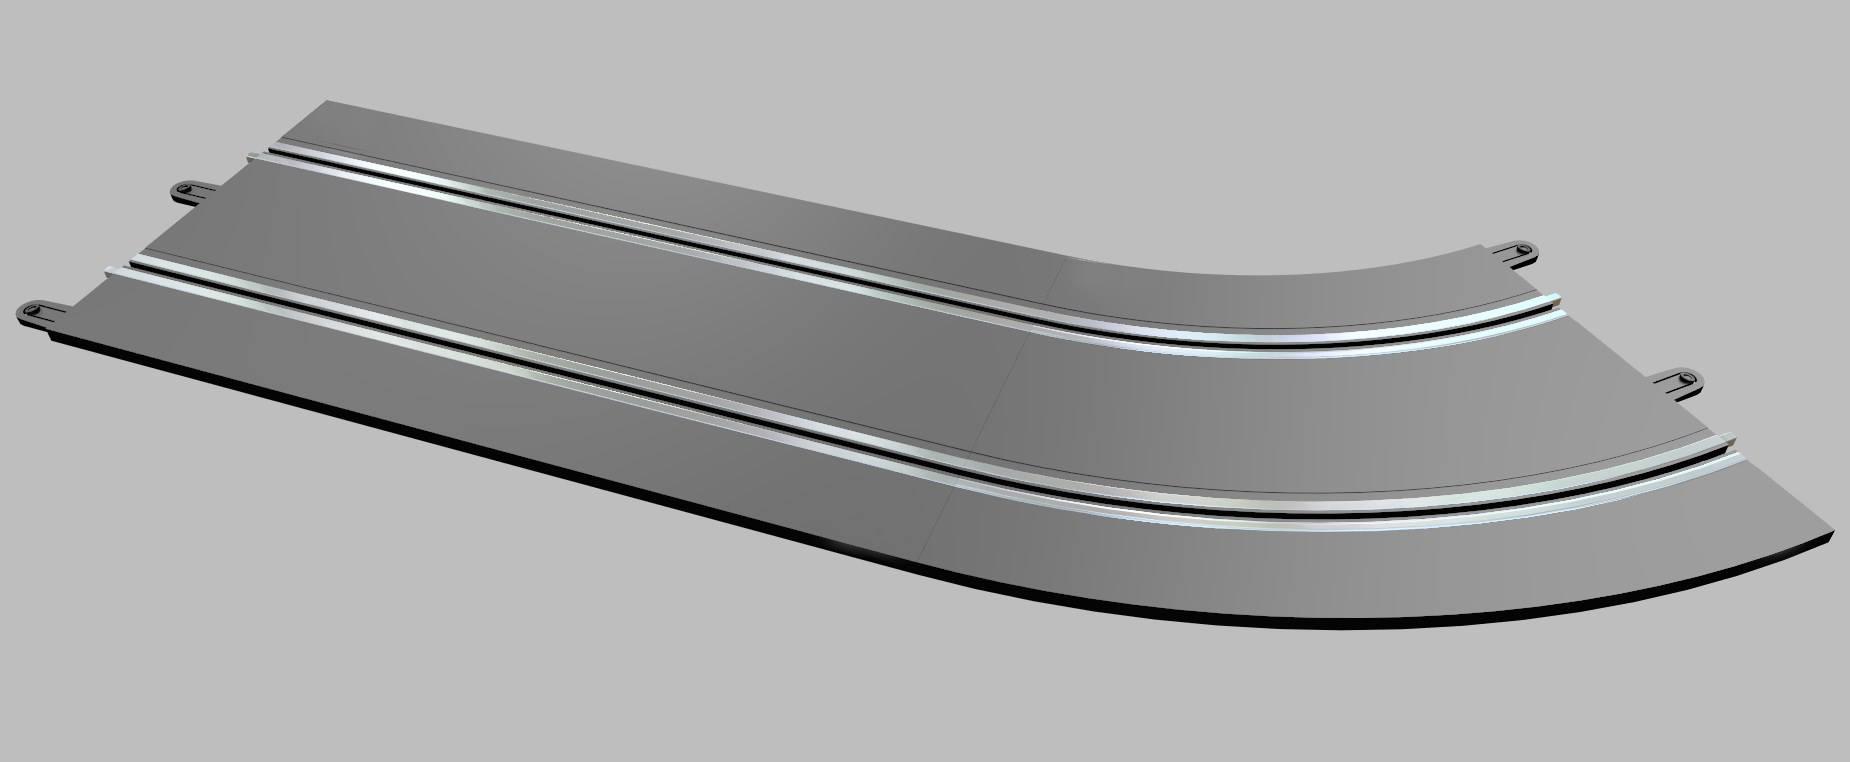 Scaleauto: SC Pro-track des rails plastiques pour faire des circuits